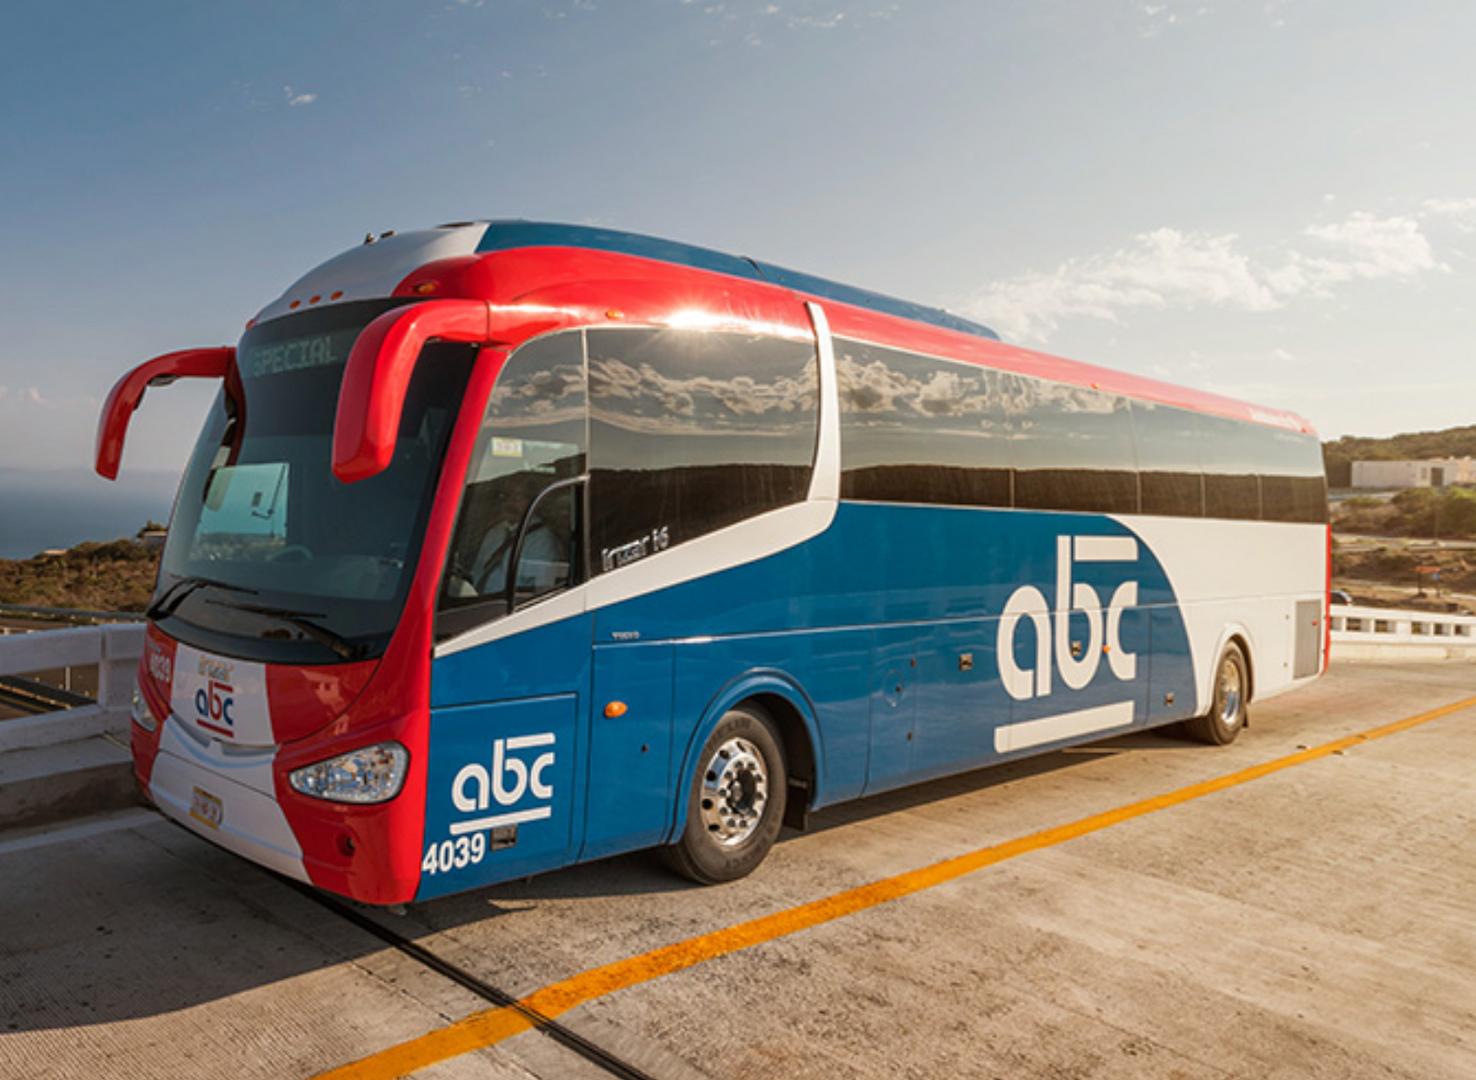 Clean and sleek bus!